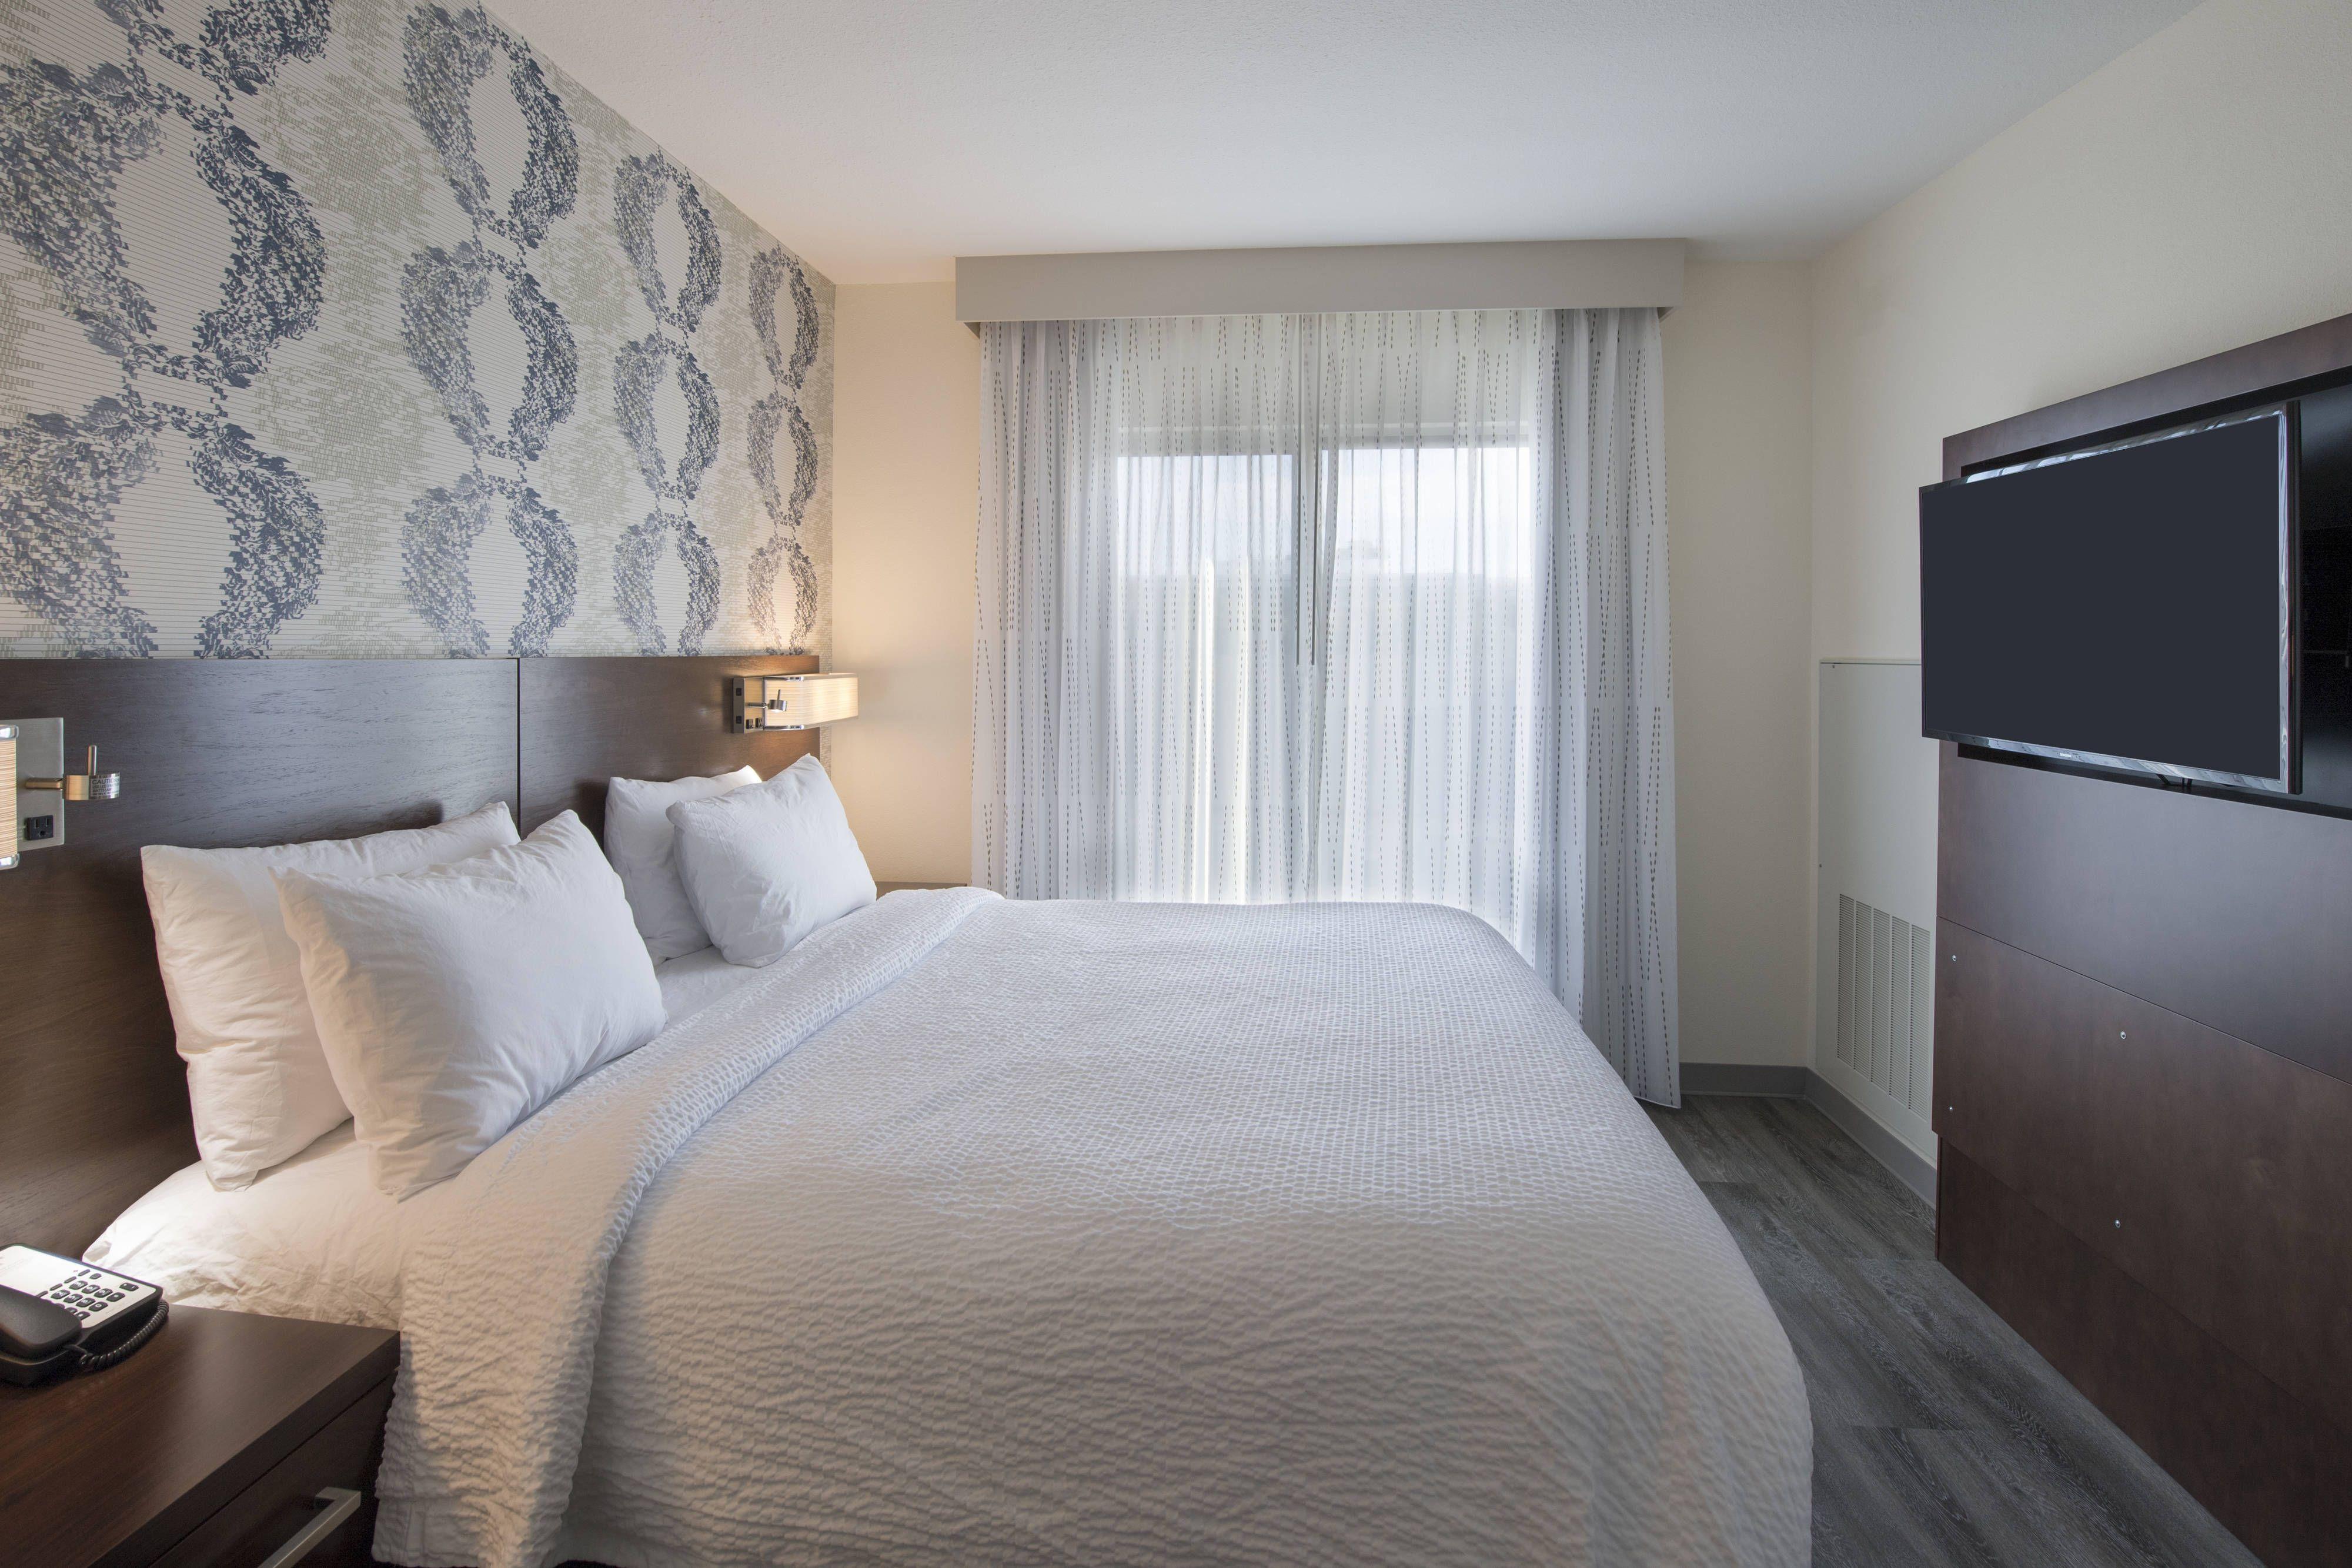 Residence Inn Atlanta Perimeter Center/Dunwoody Two